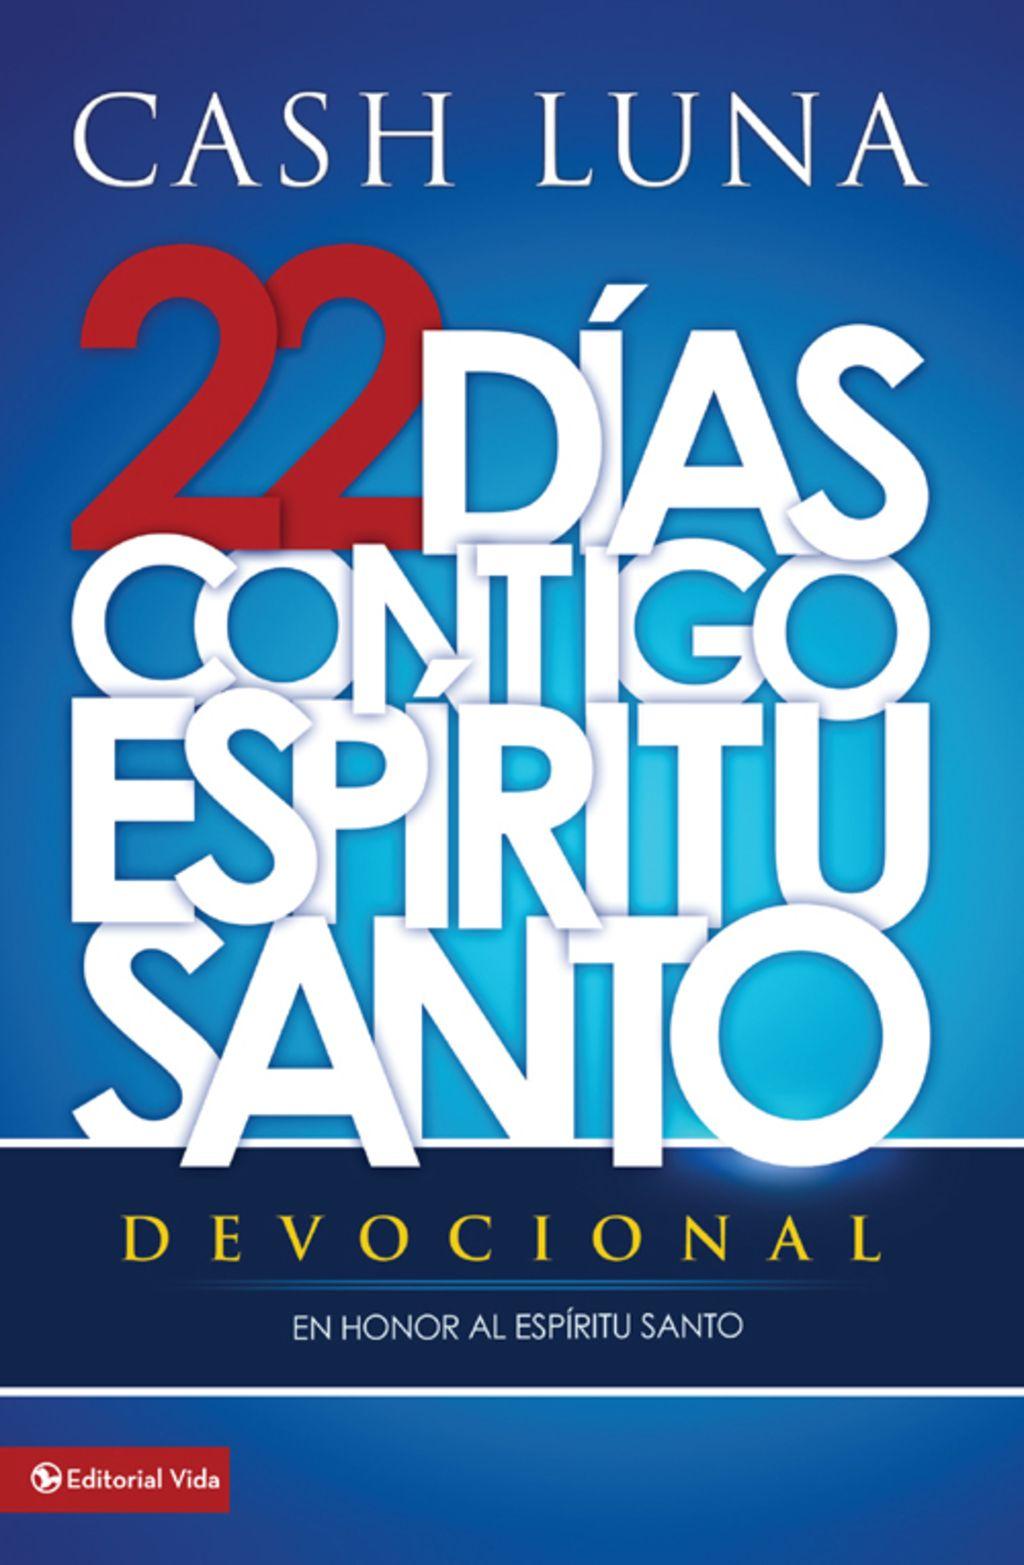 descargar libro 22 dias contigo espiritu santo pdf